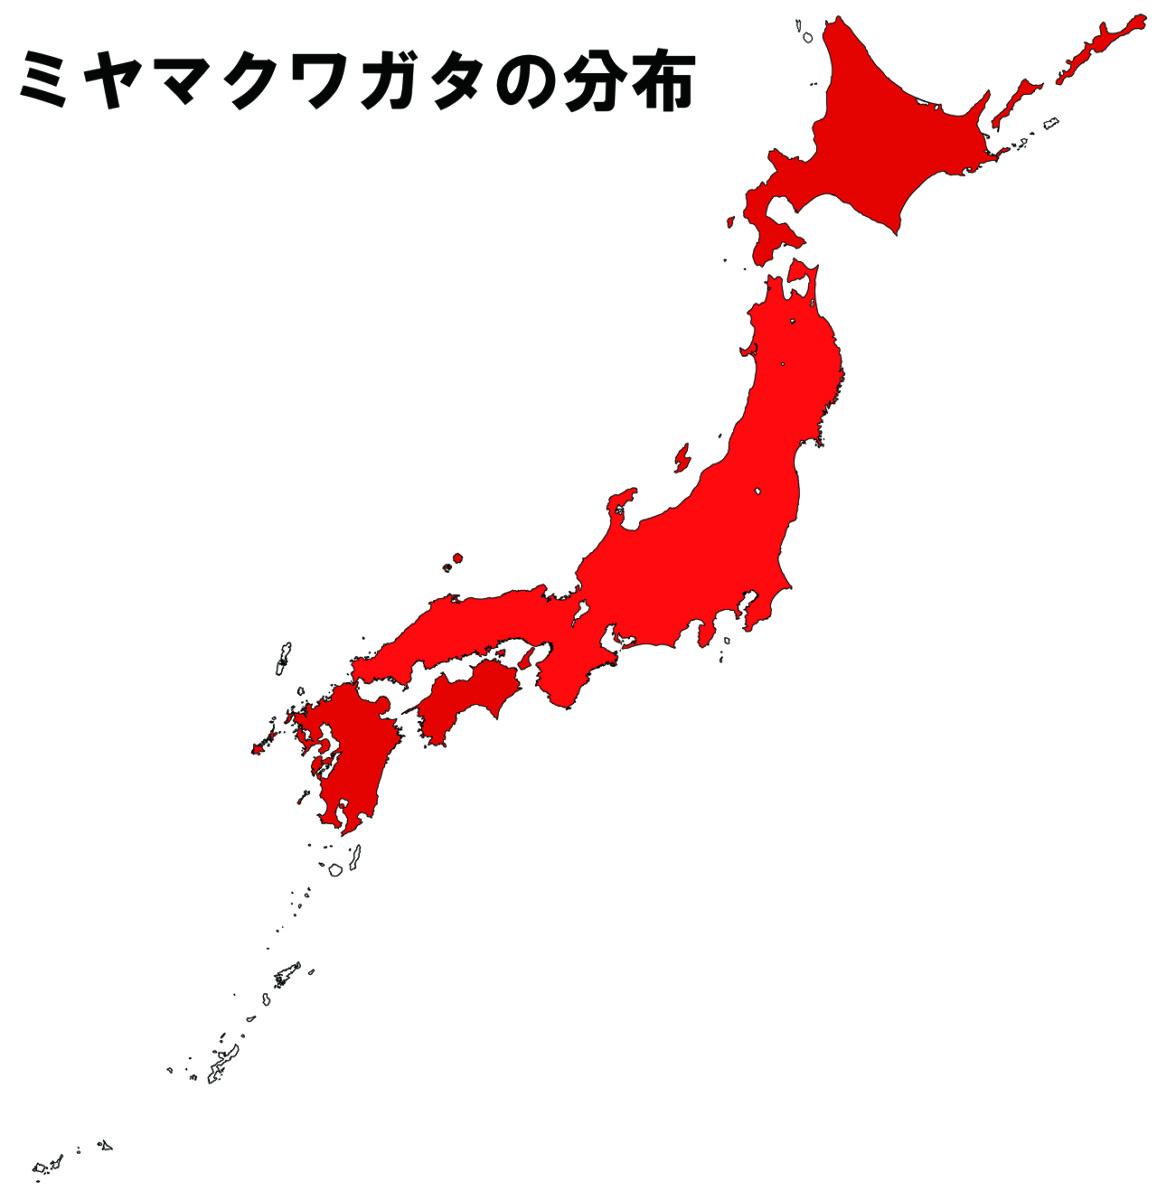 ミヤマクワガタの分布図